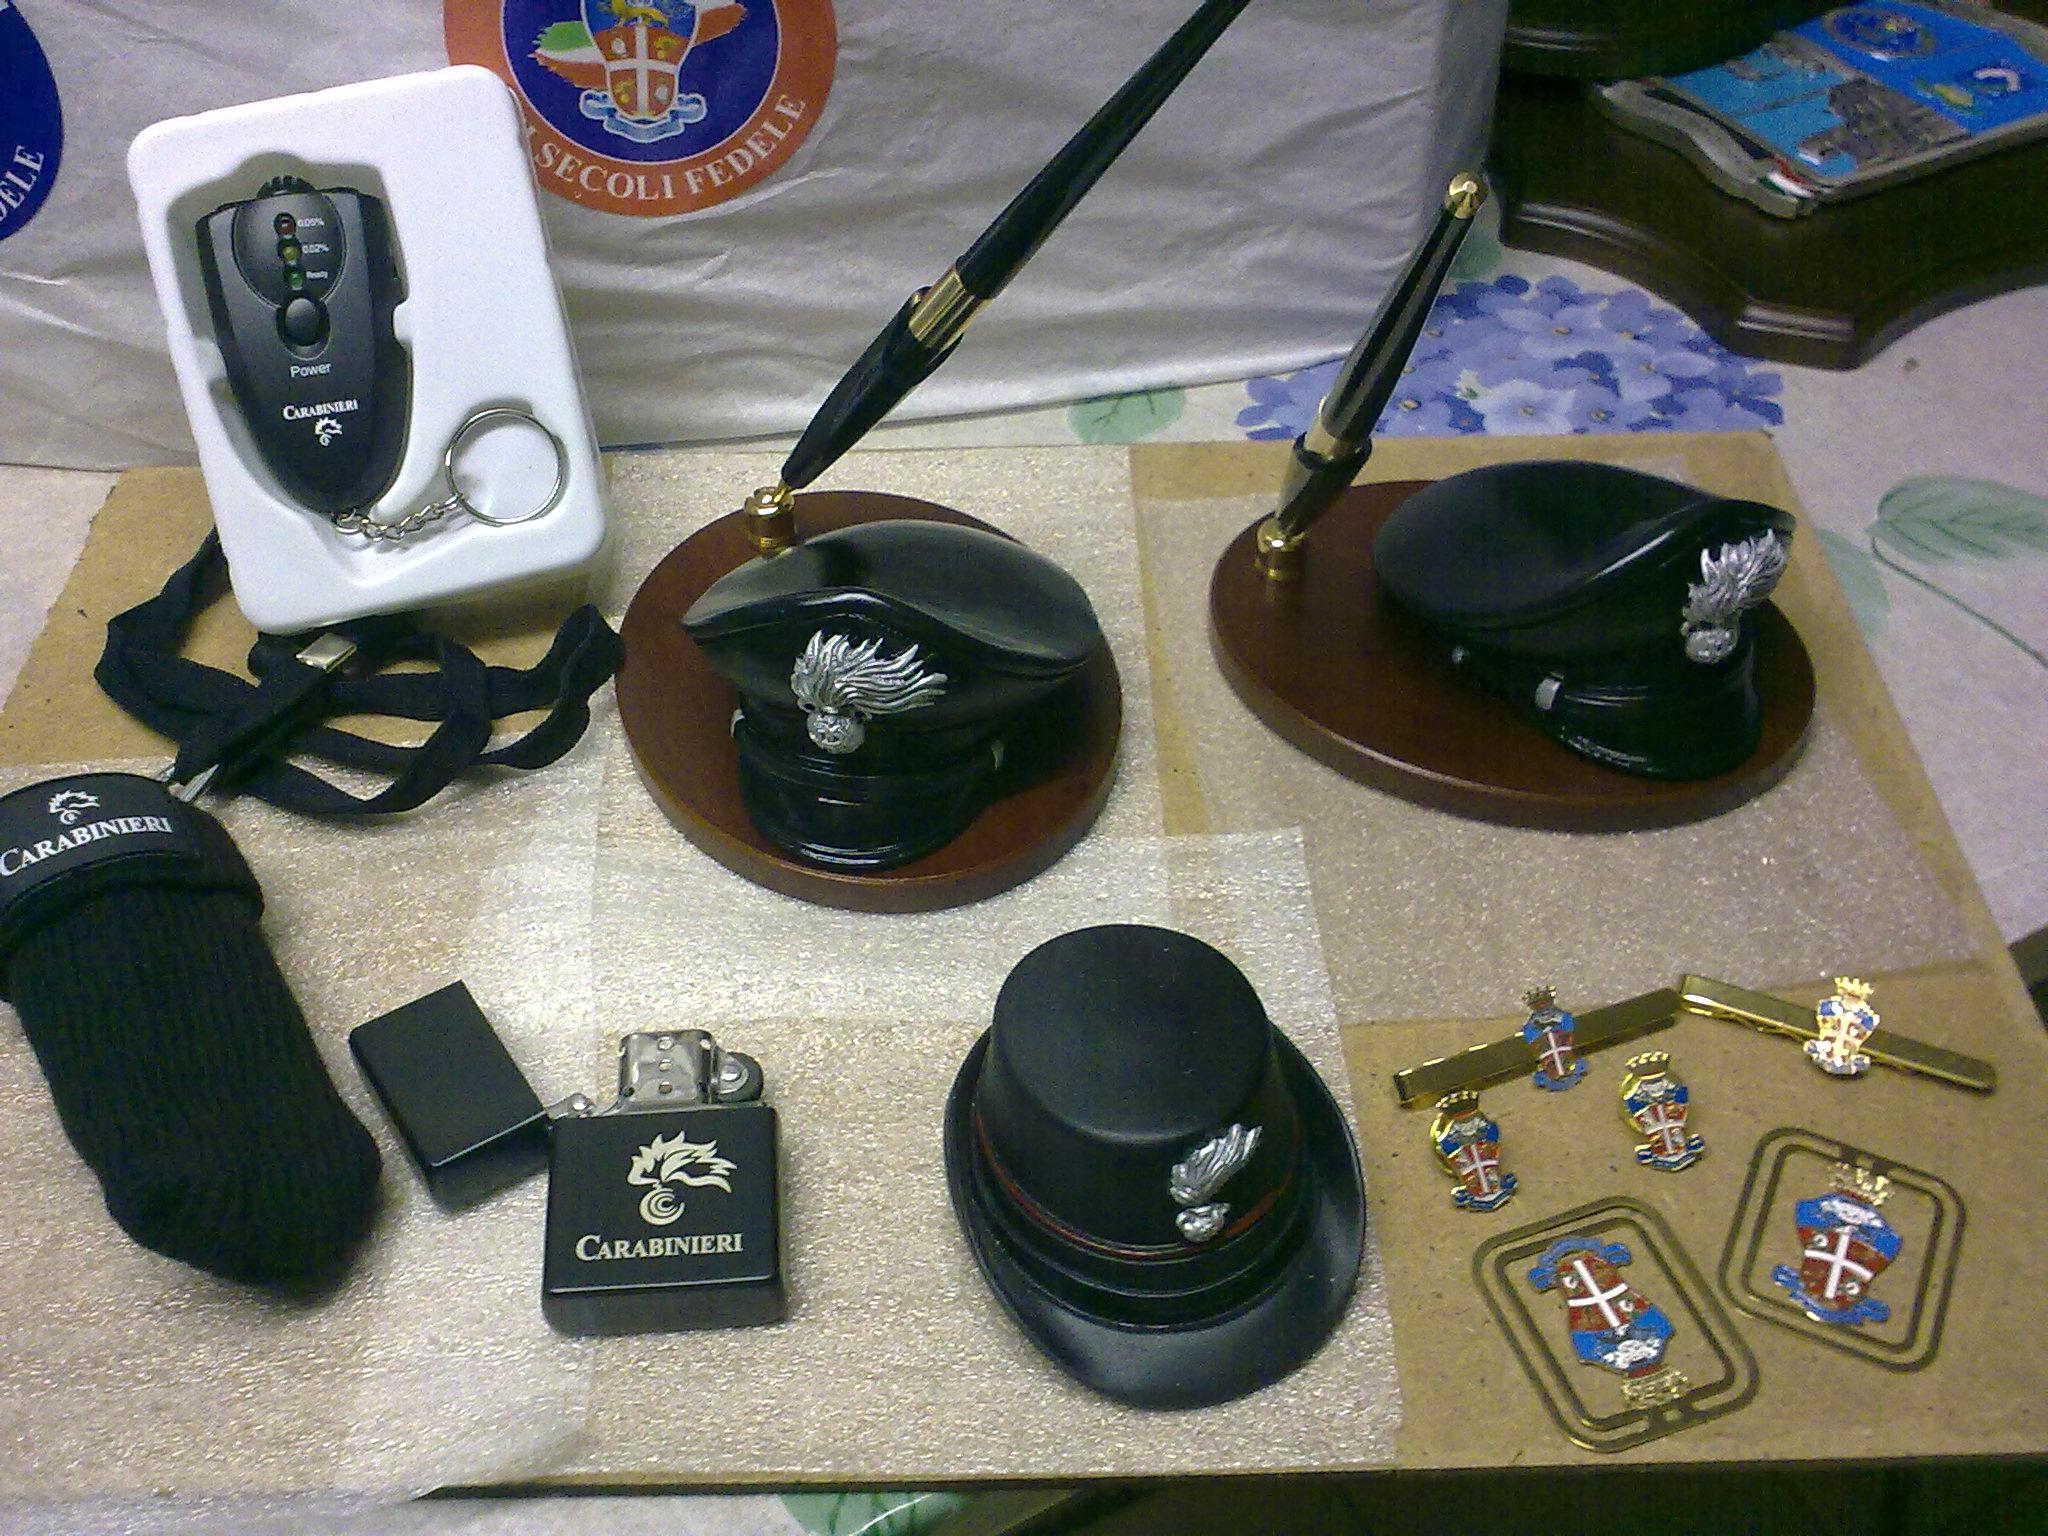 Oggetti regalo carabinieri oggettistica militare for Oggetti regalo